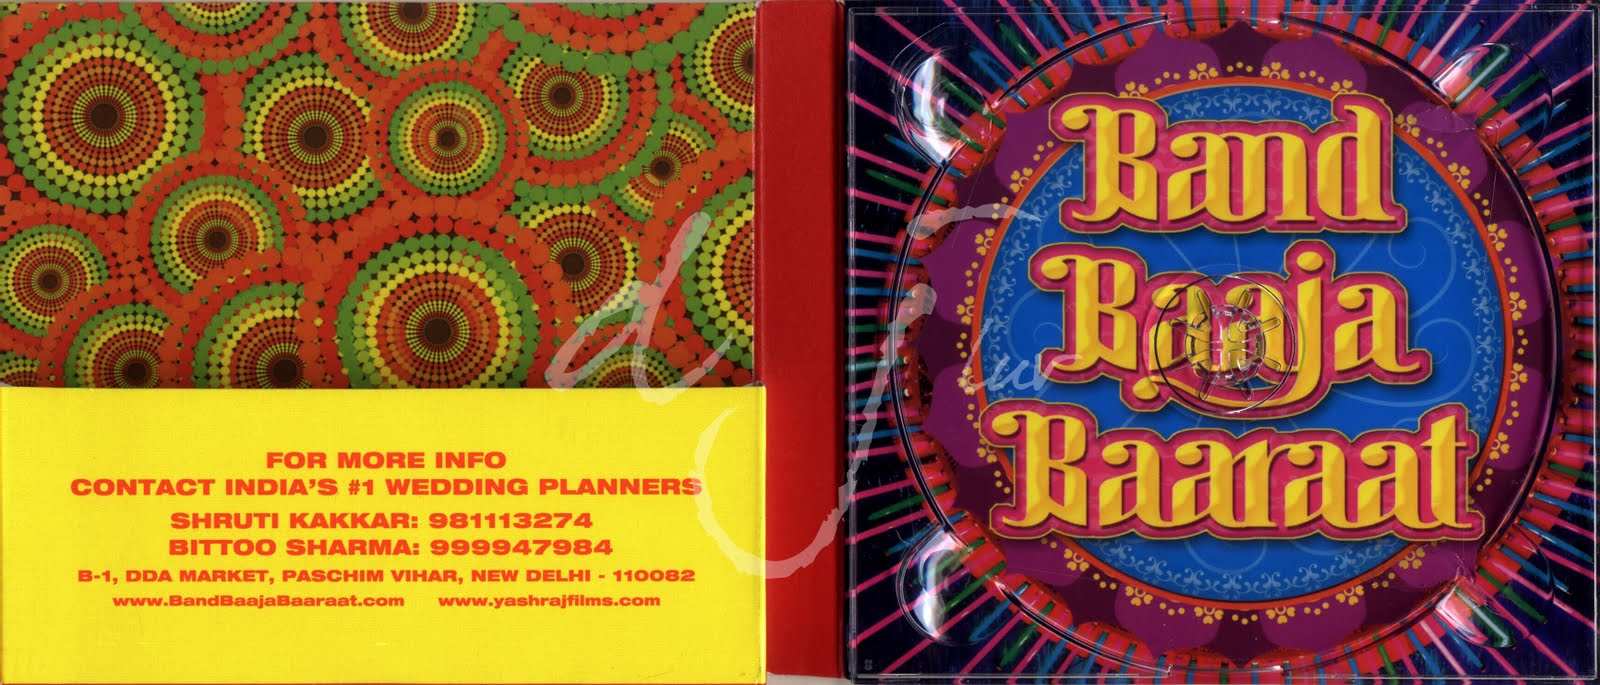 Band baaja baarat movie mp3 songs.